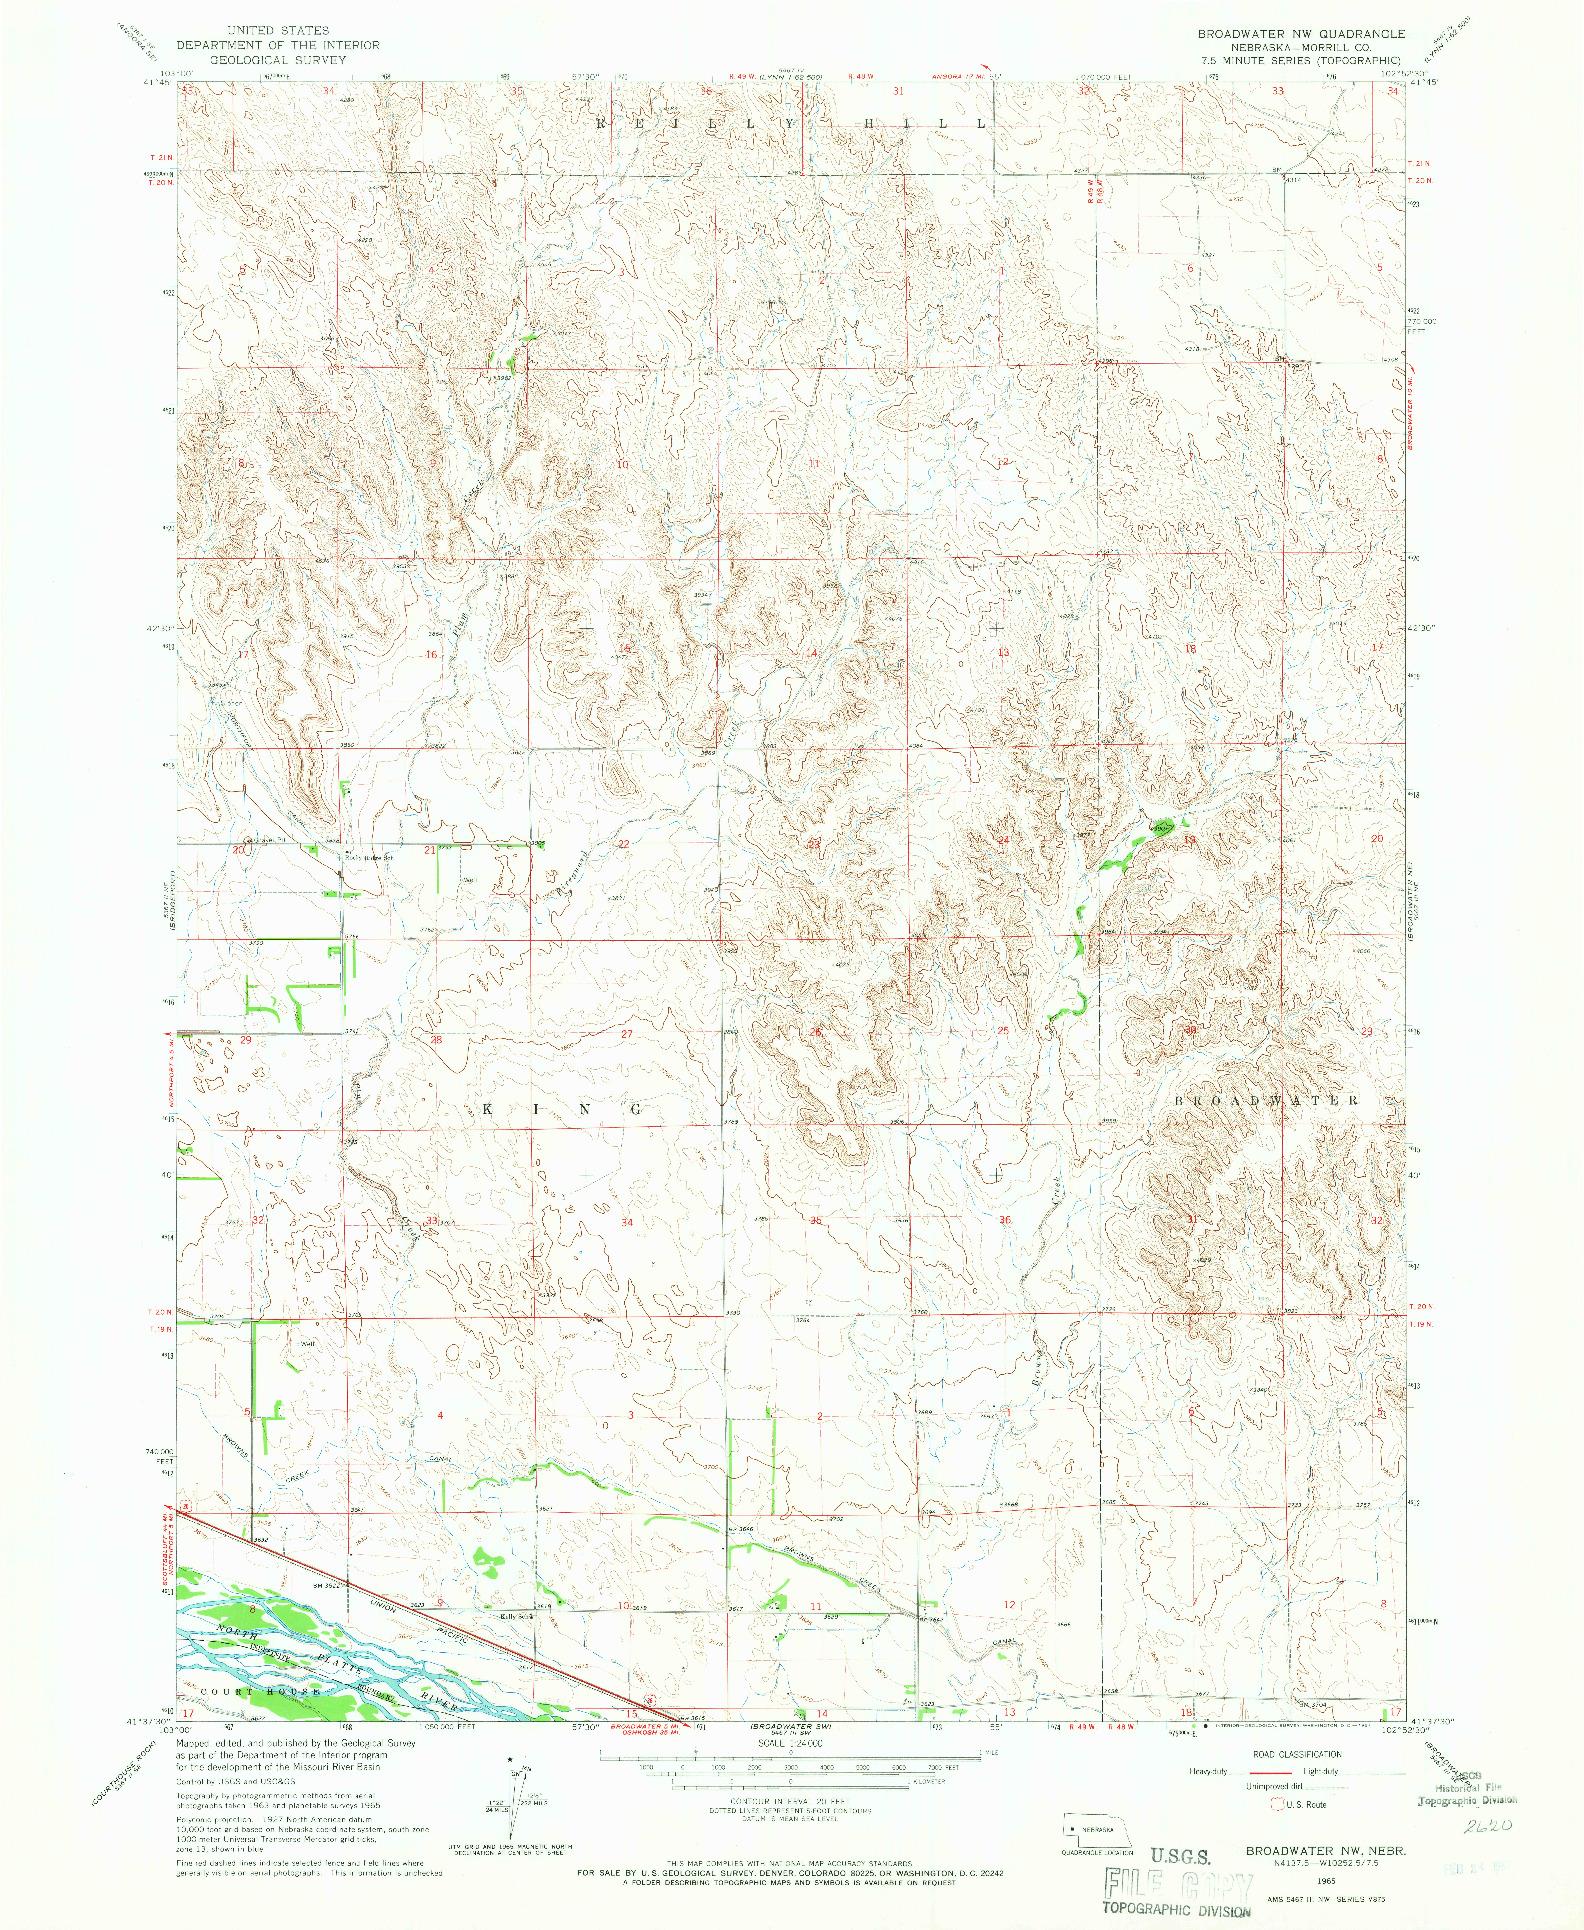 USGS 1:24000-SCALE QUADRANGLE FOR BROADWATER NW, NE 1965